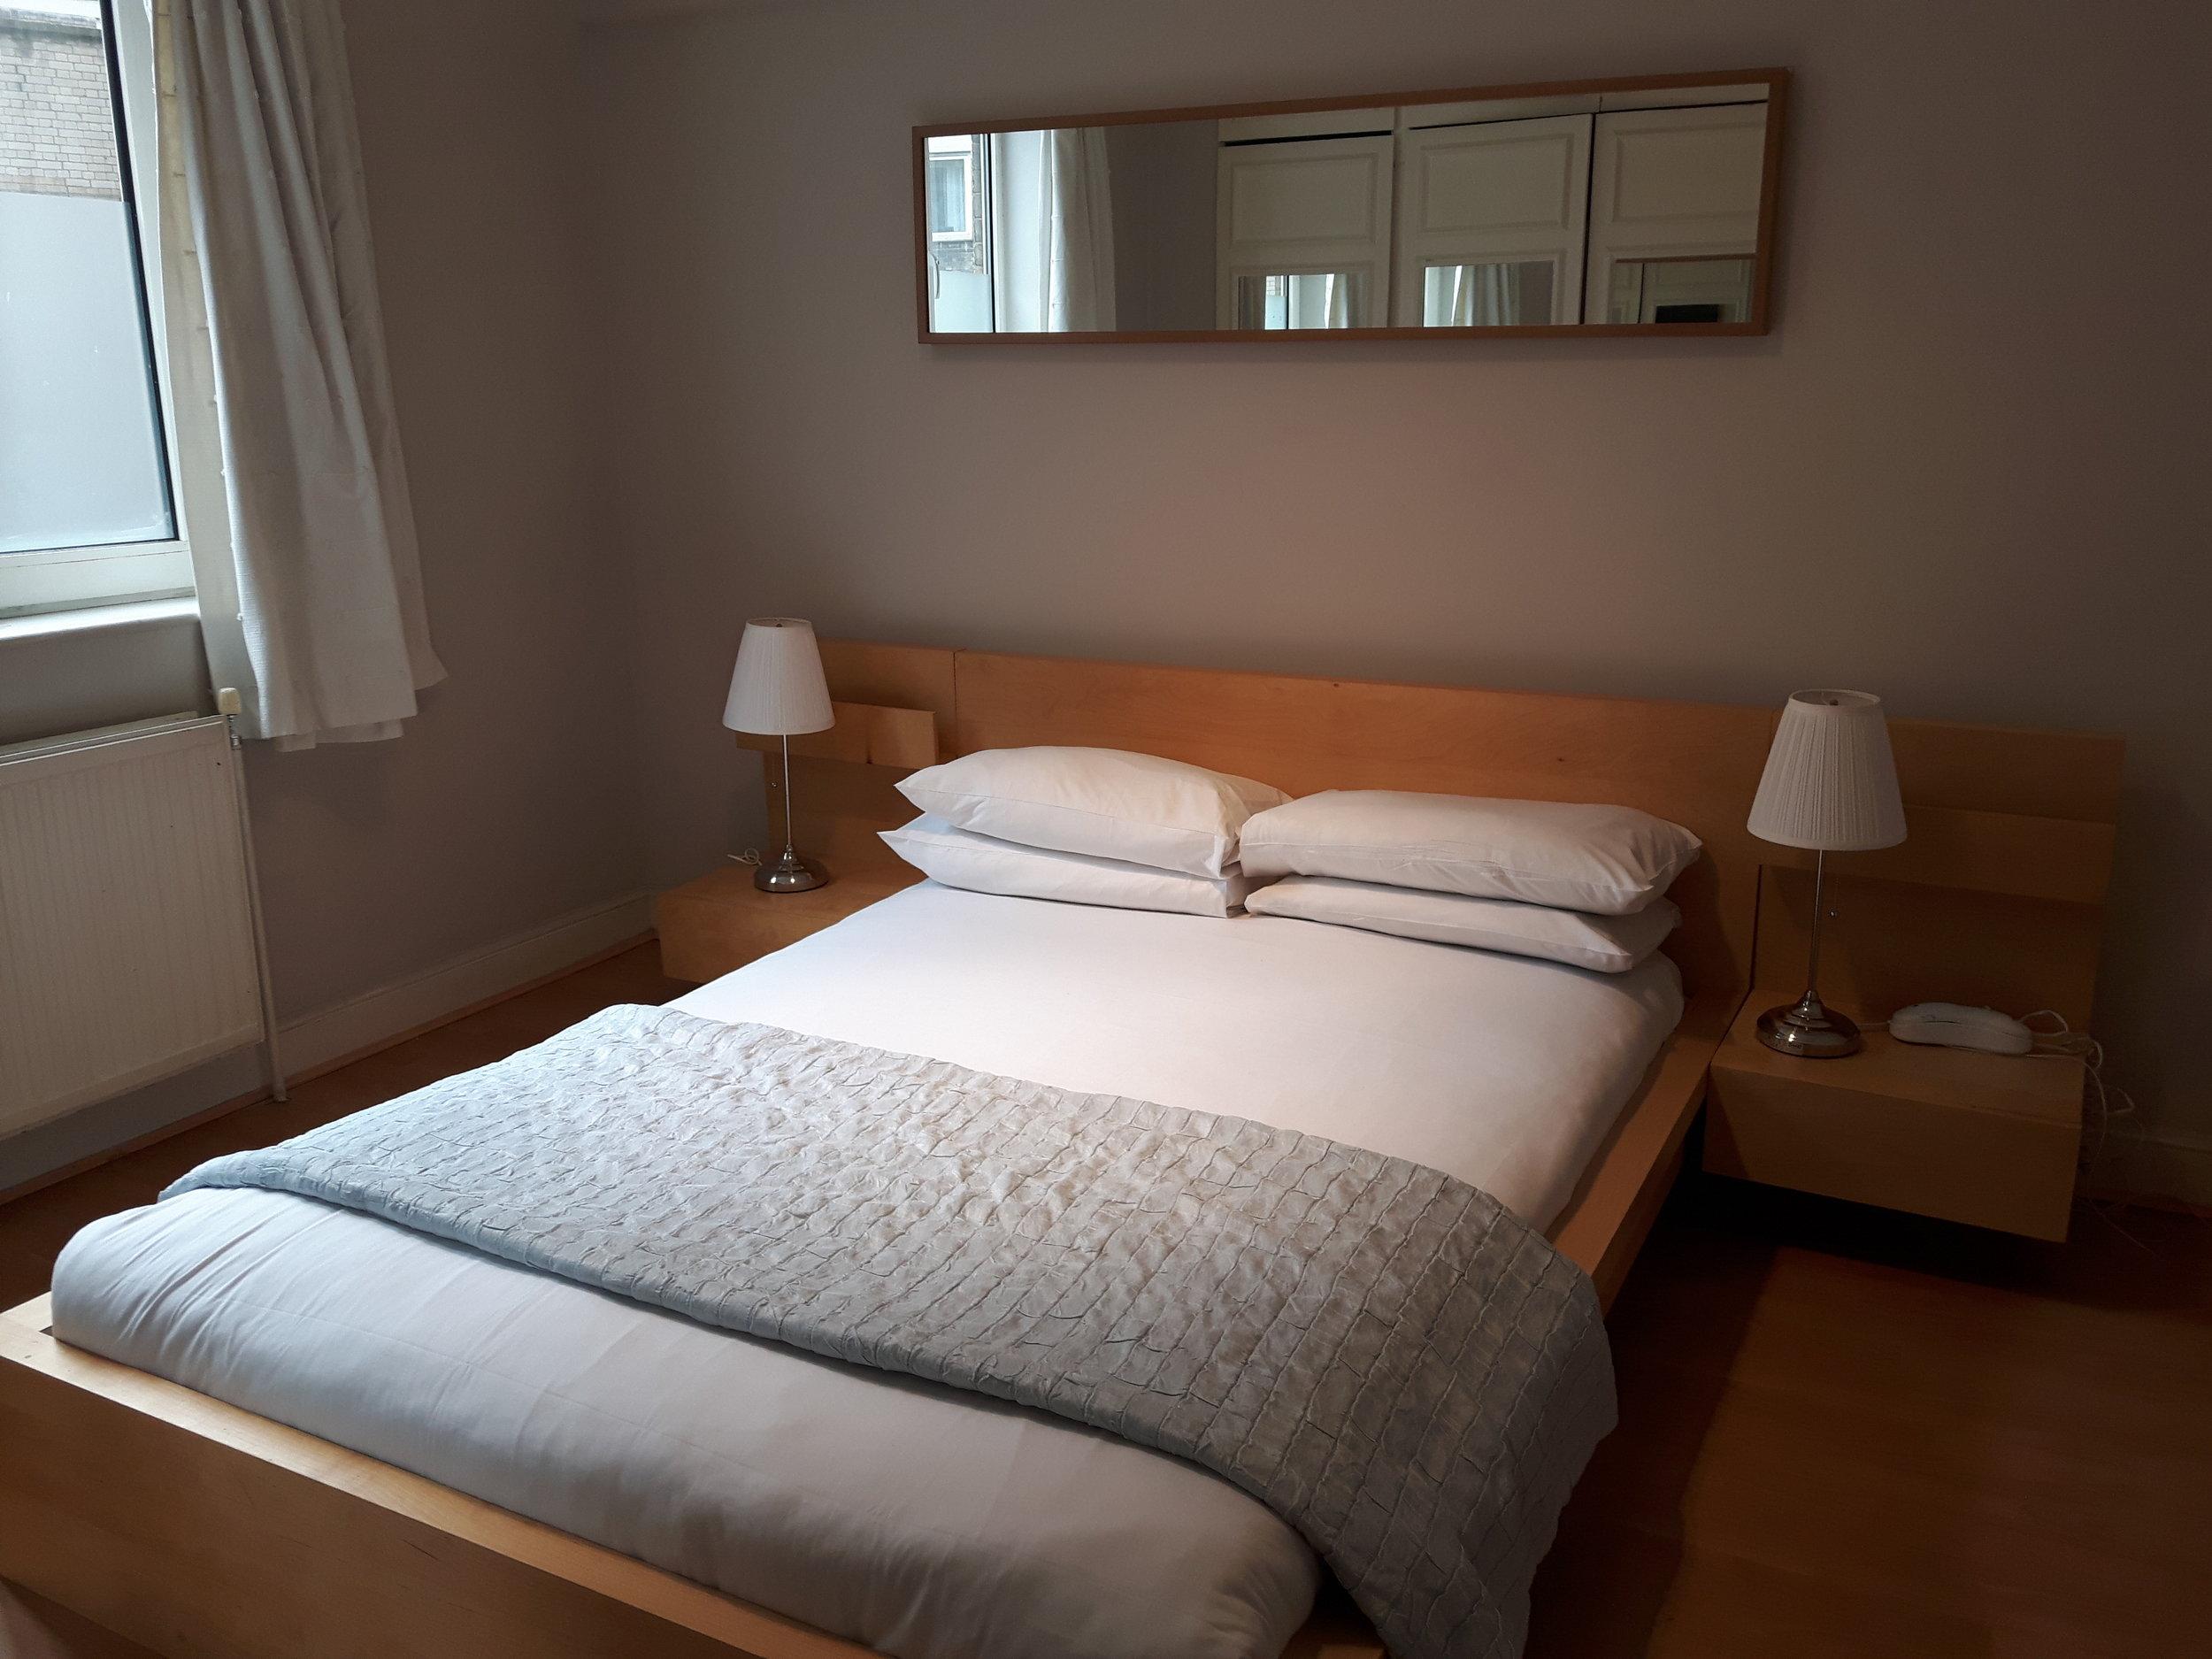 Bed Sample.jpg